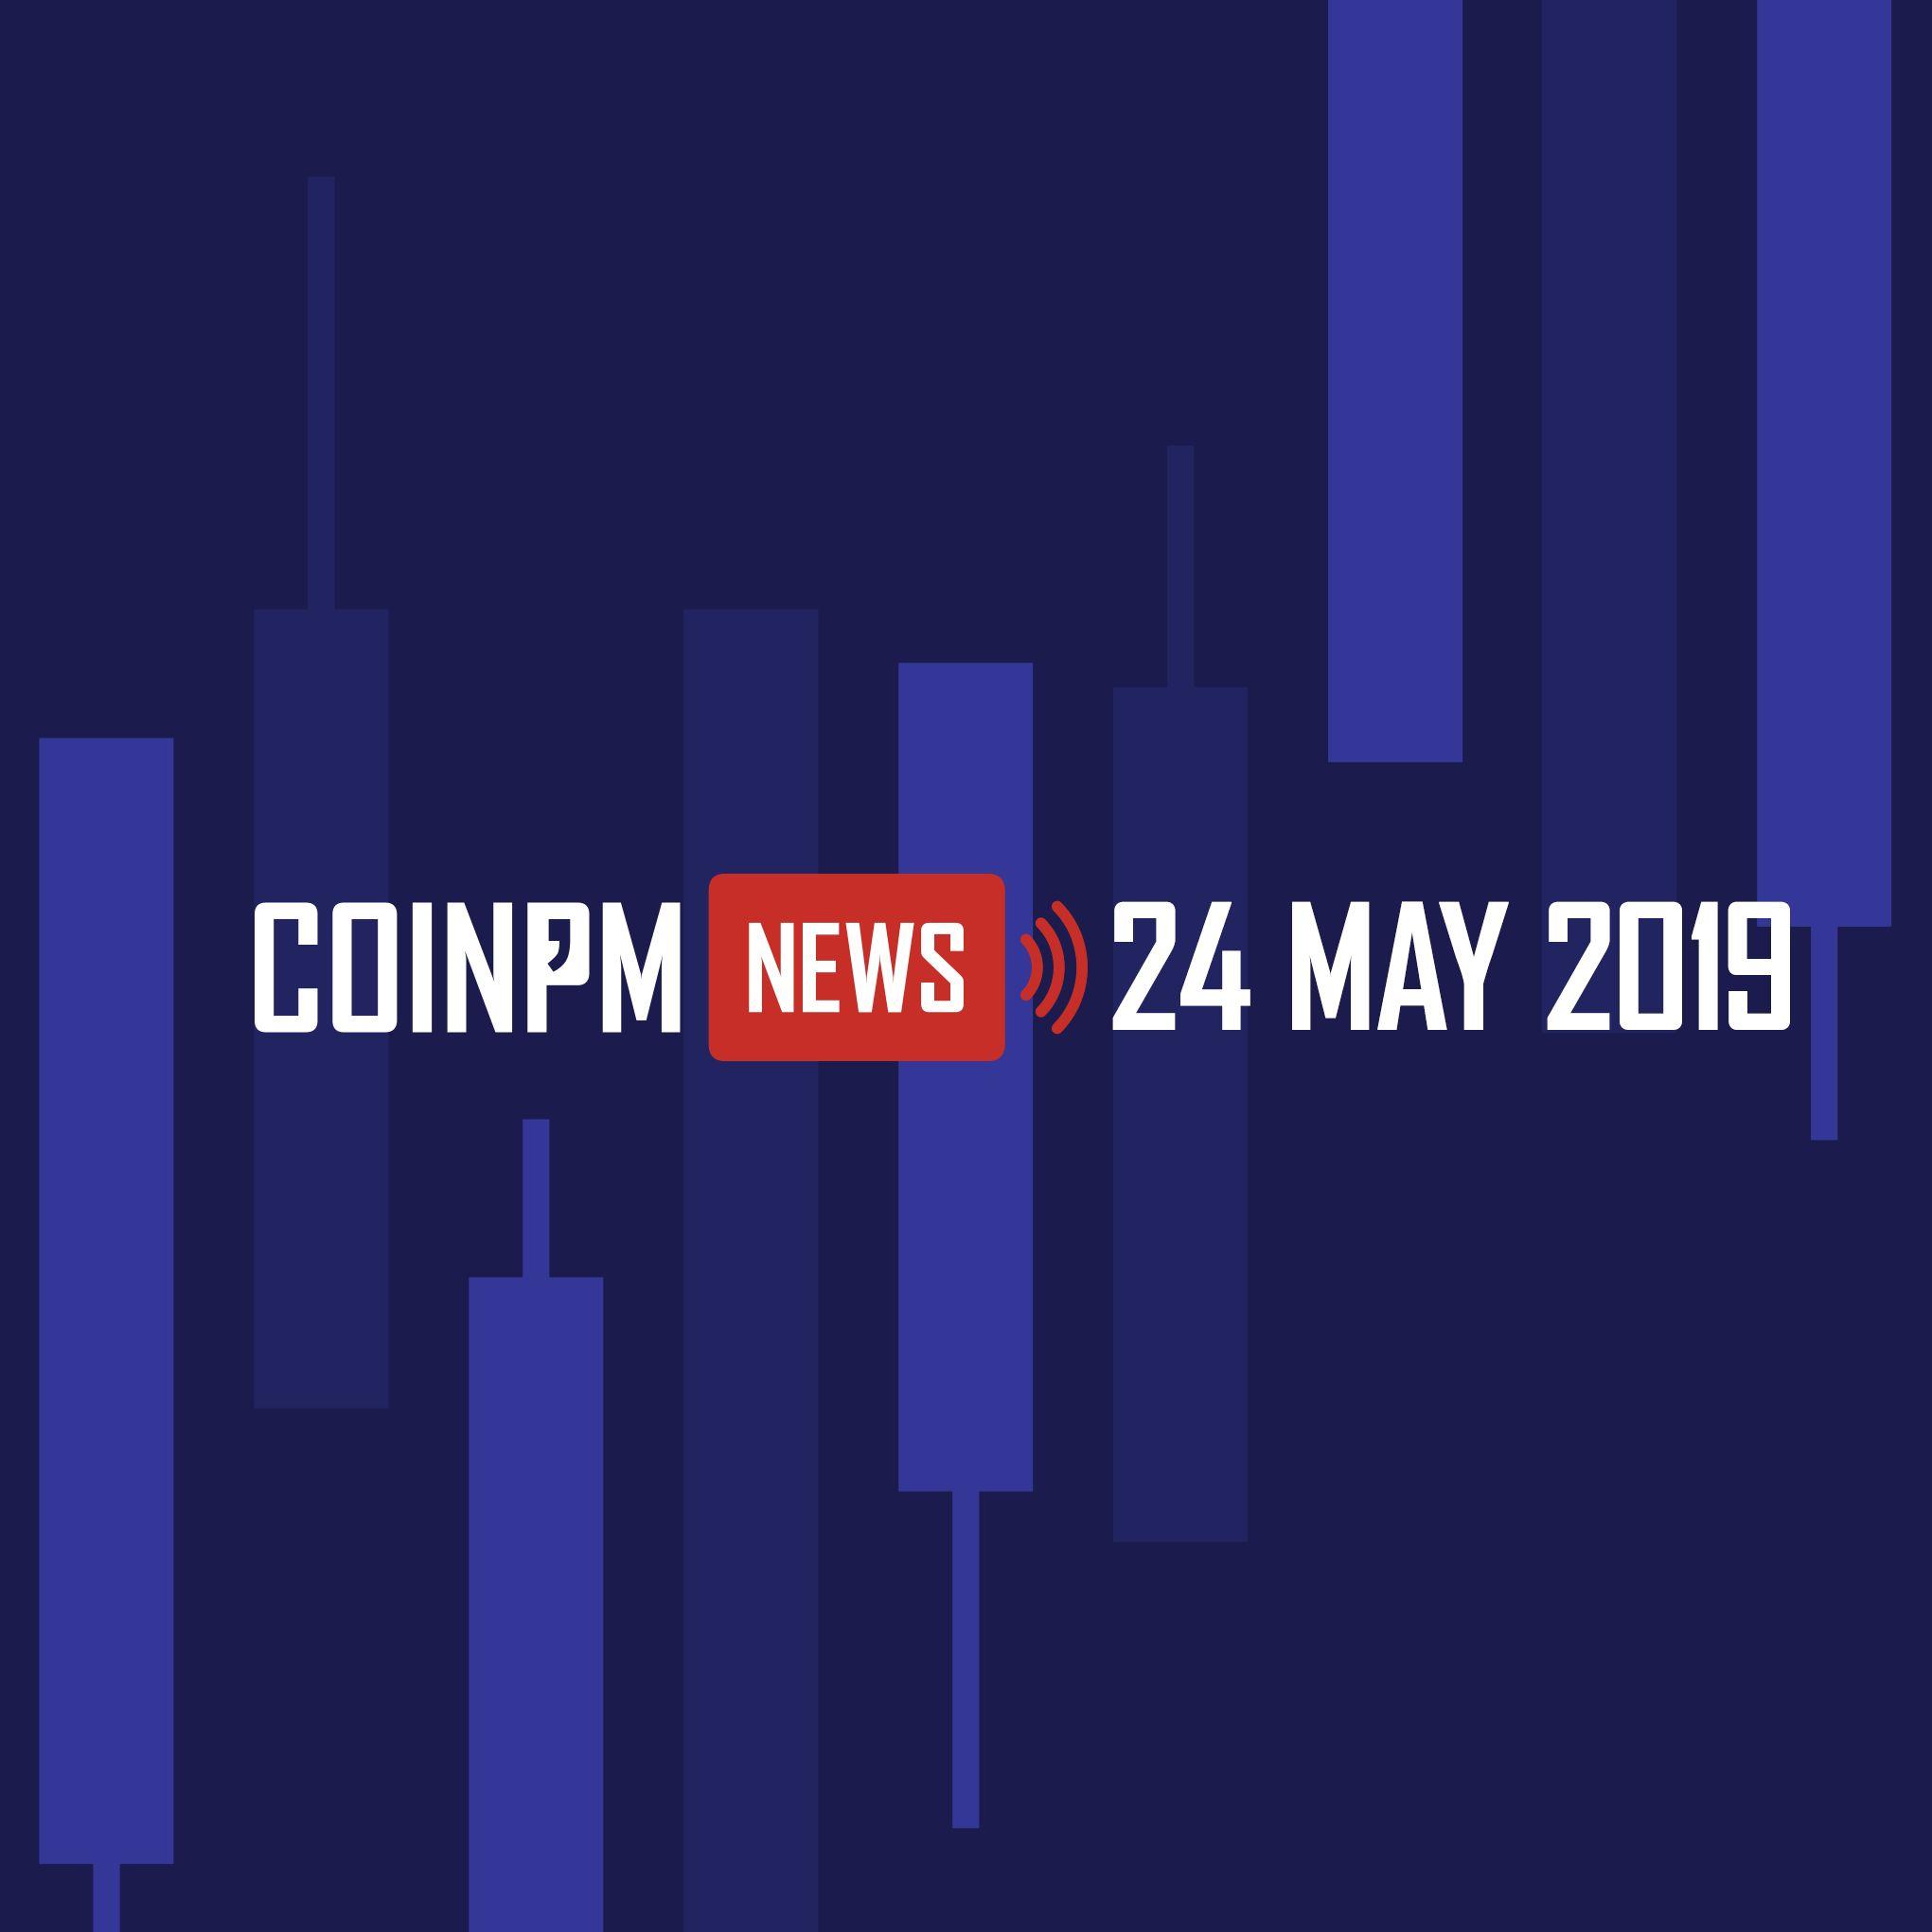 24th May 2019